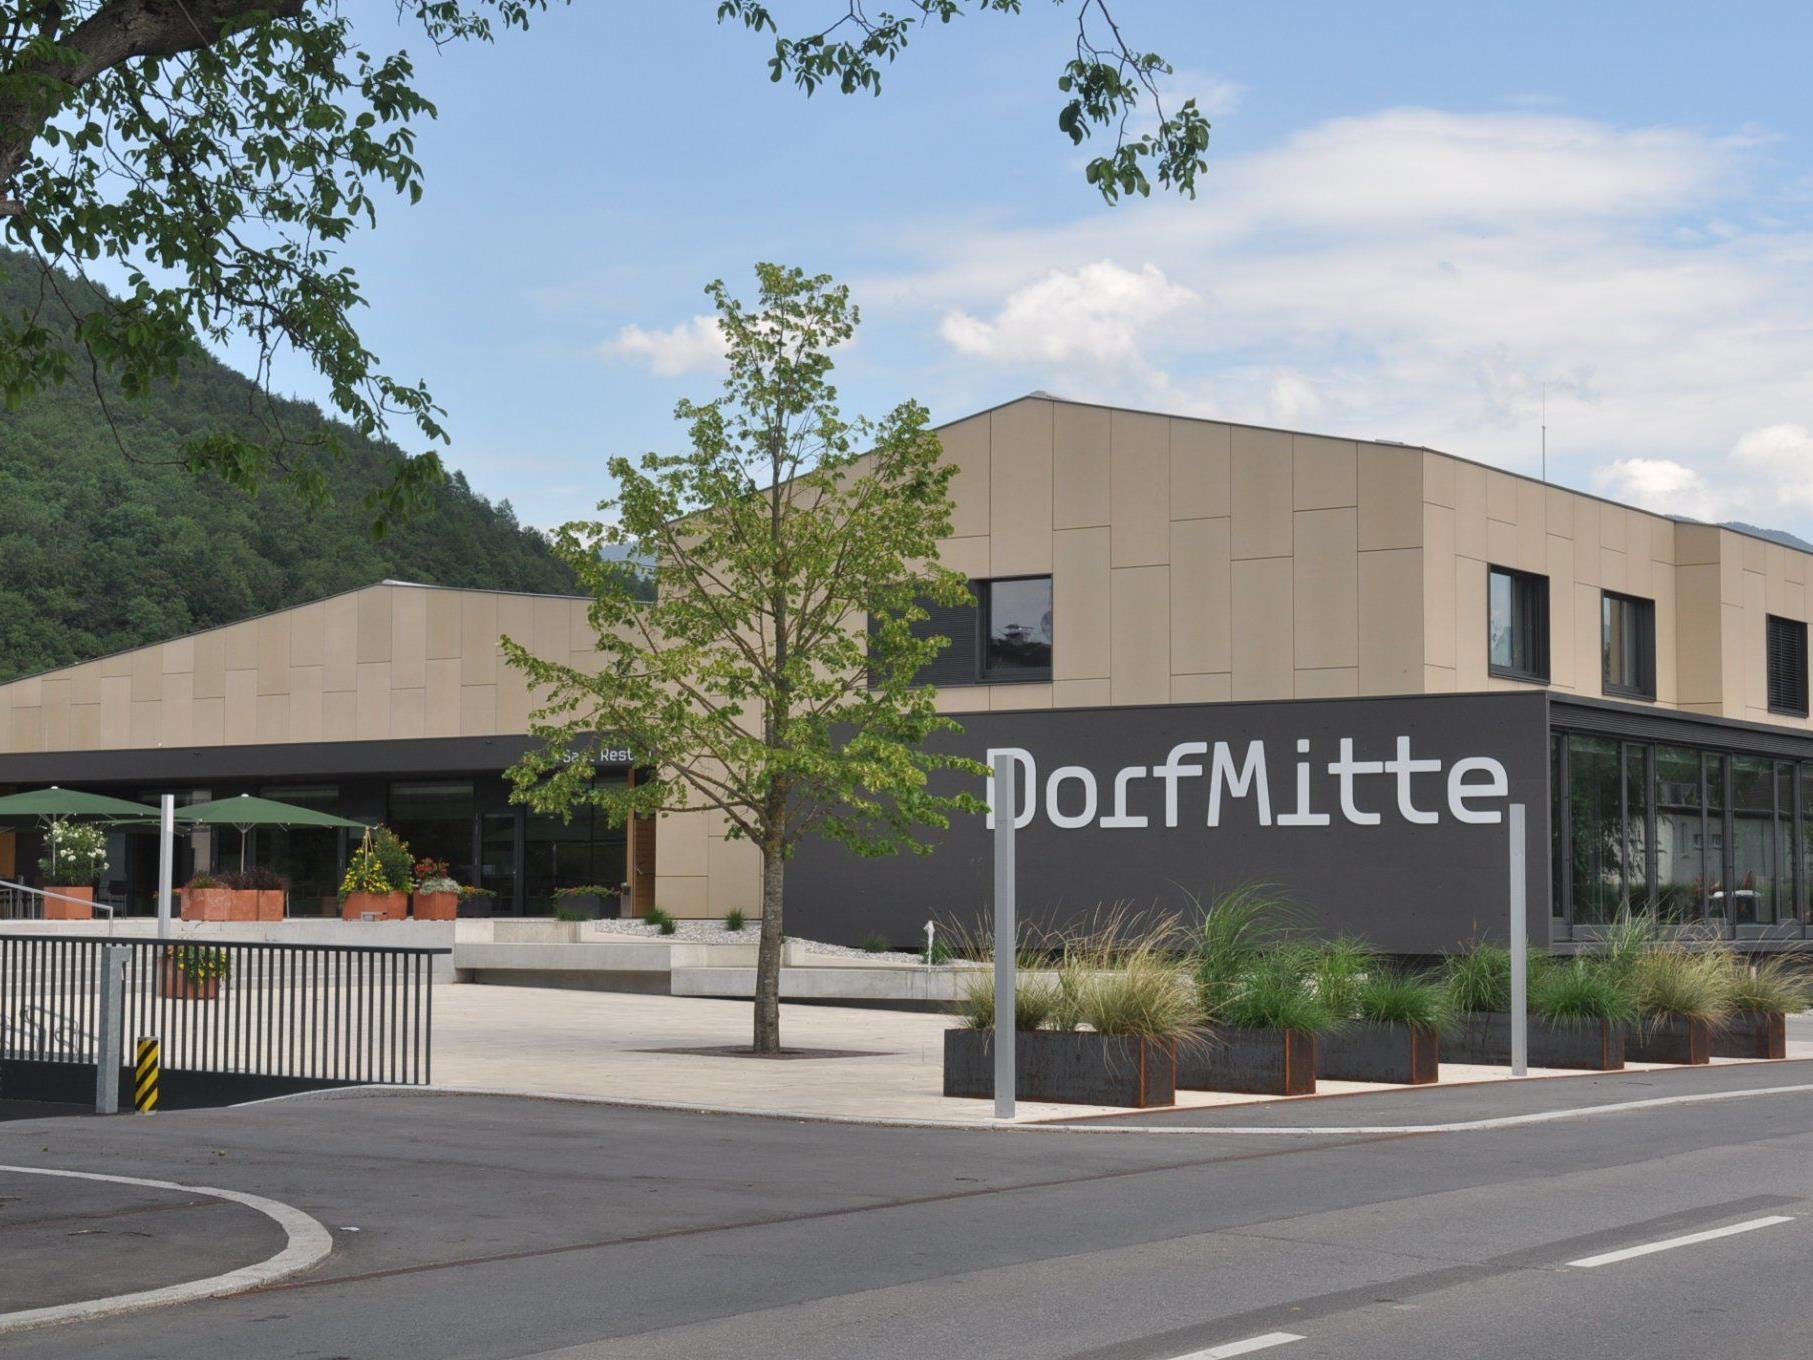 Die Realisierung von Großprojekten, wie das Gemeindezentrum DorfMitte, sind abgeschlossen.